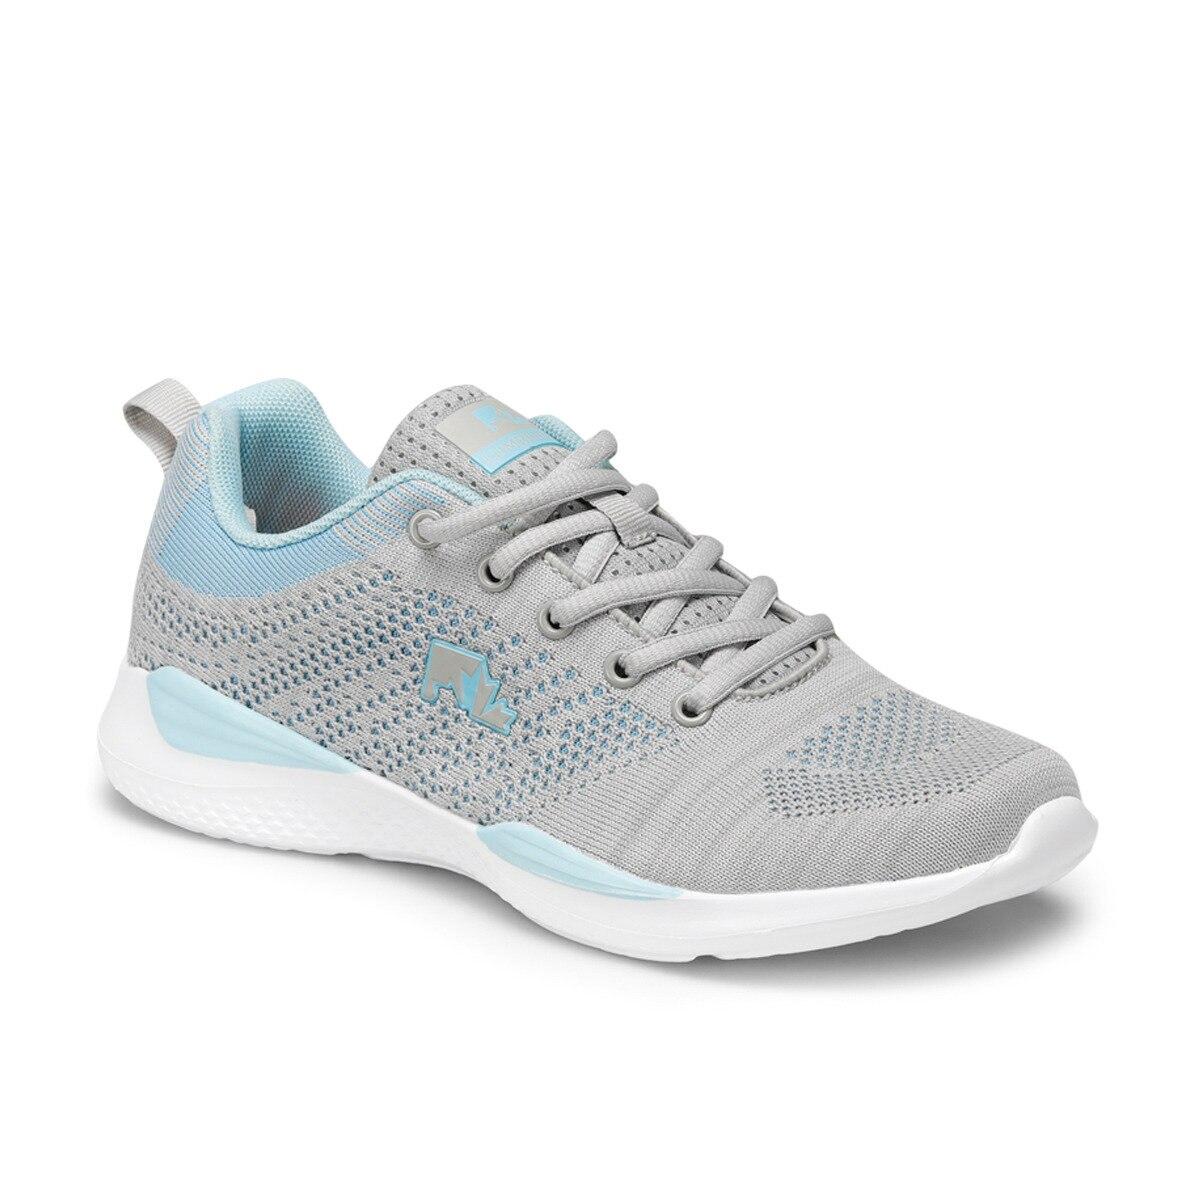 FLO WOLKY Light Gray Women 'S Sneaker Shoes LUMBERJACK